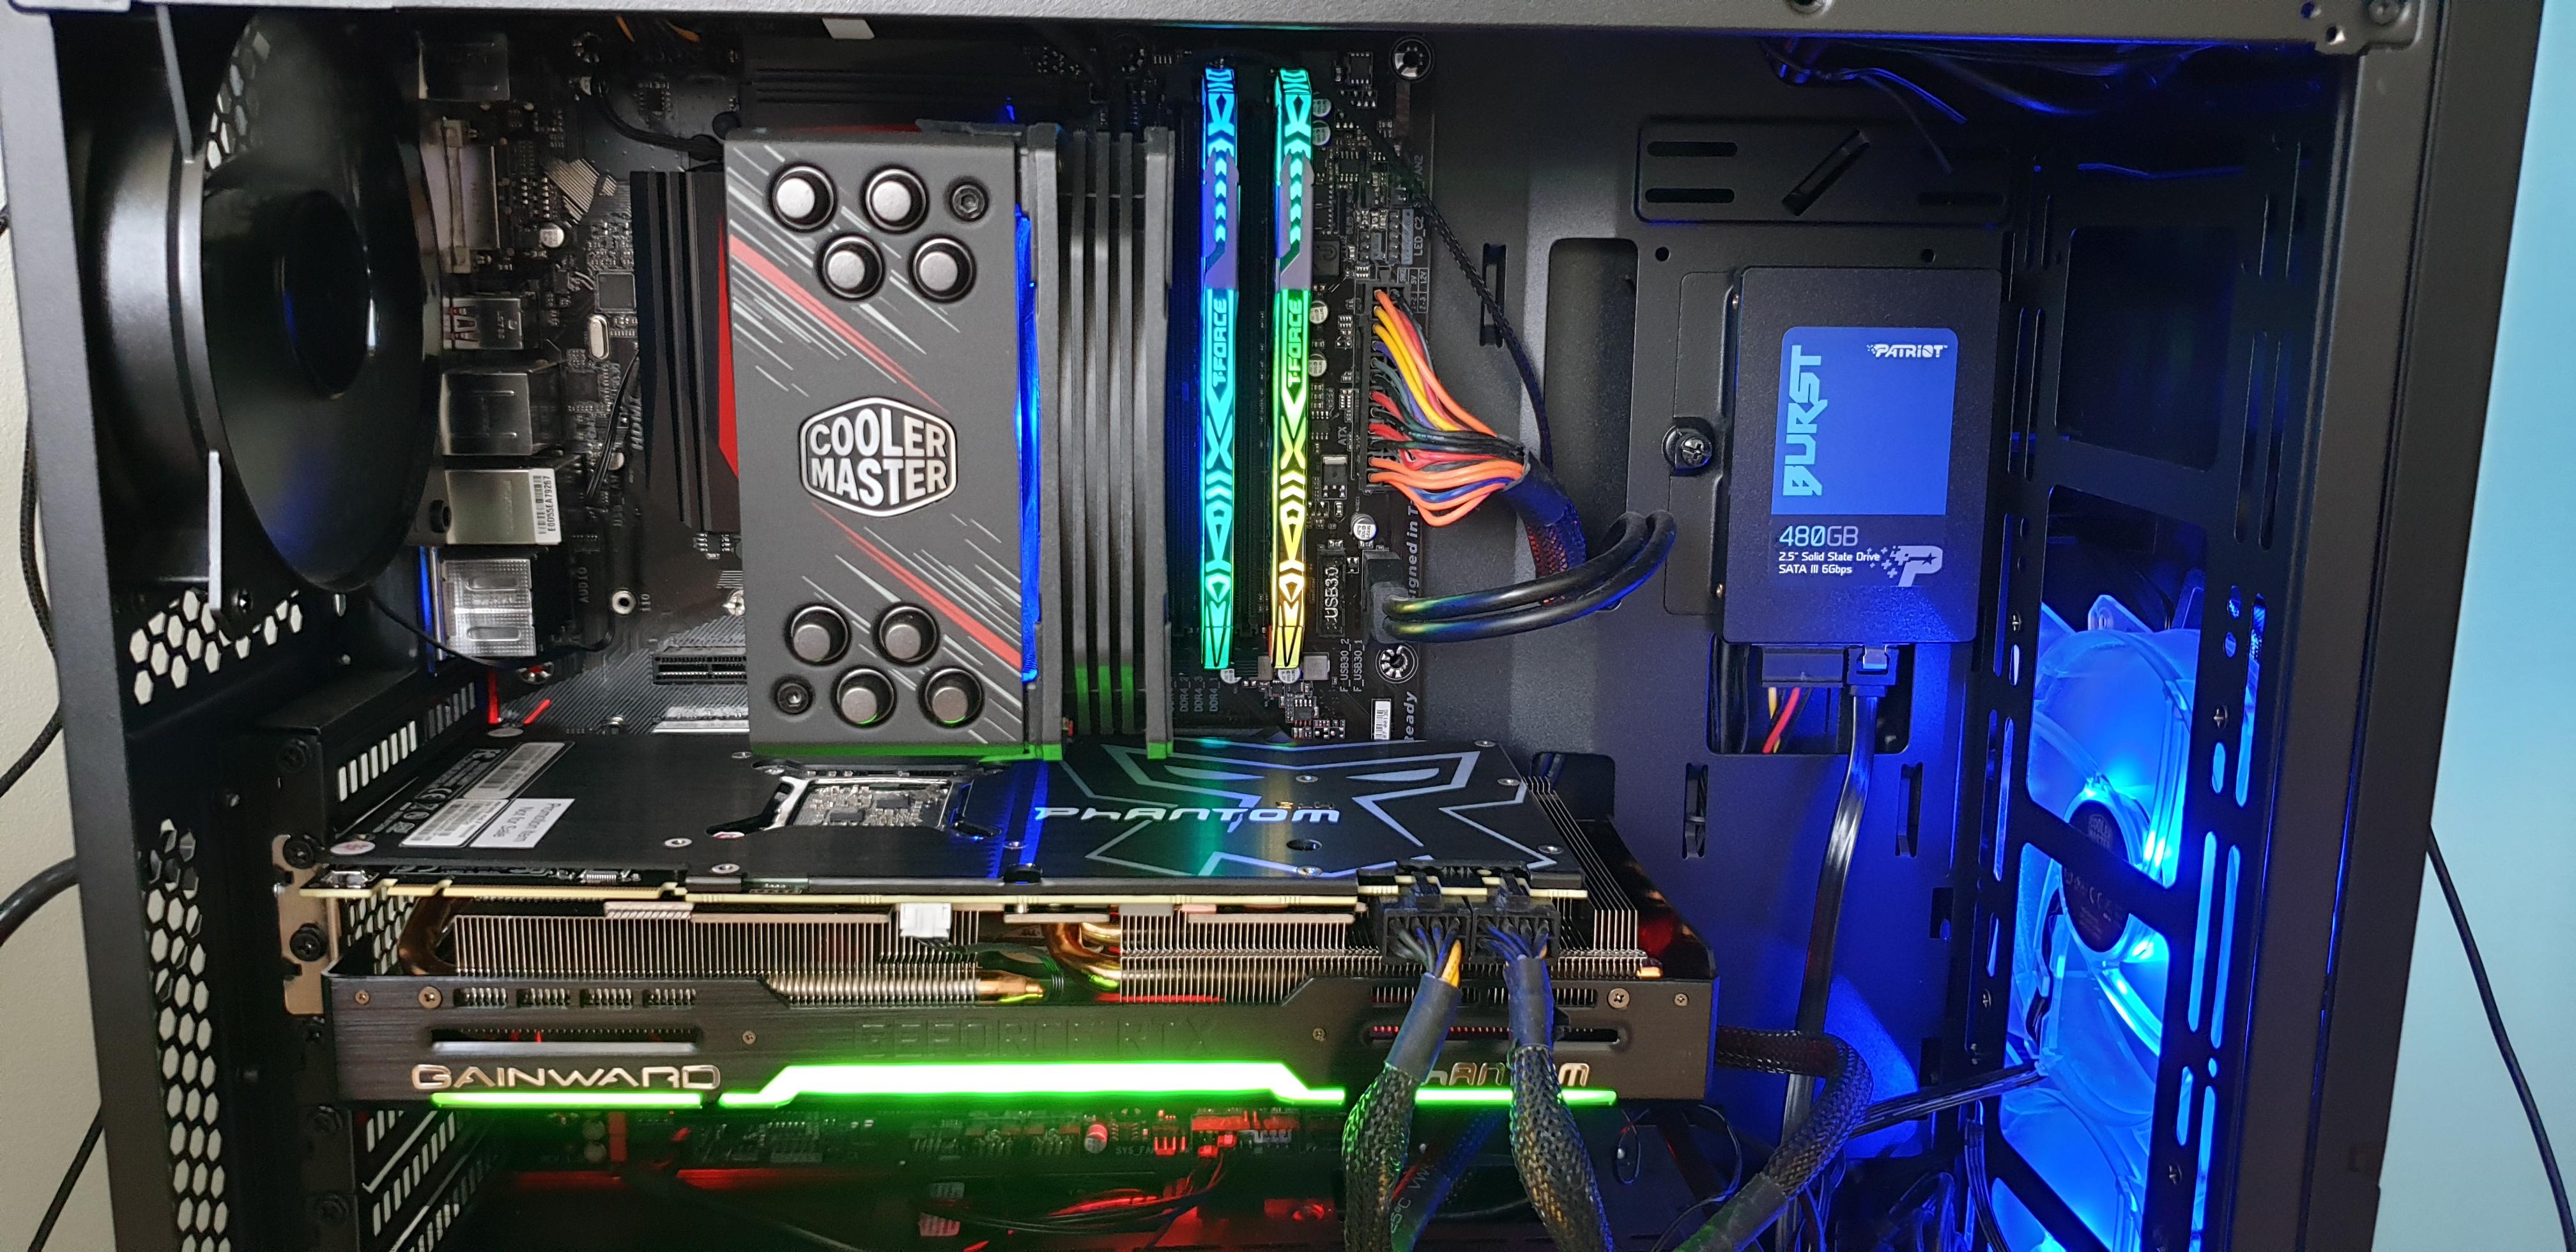 Niereferent doskonały? Testujemy Gainward RTX 2080 SUPER - jest moc! 30